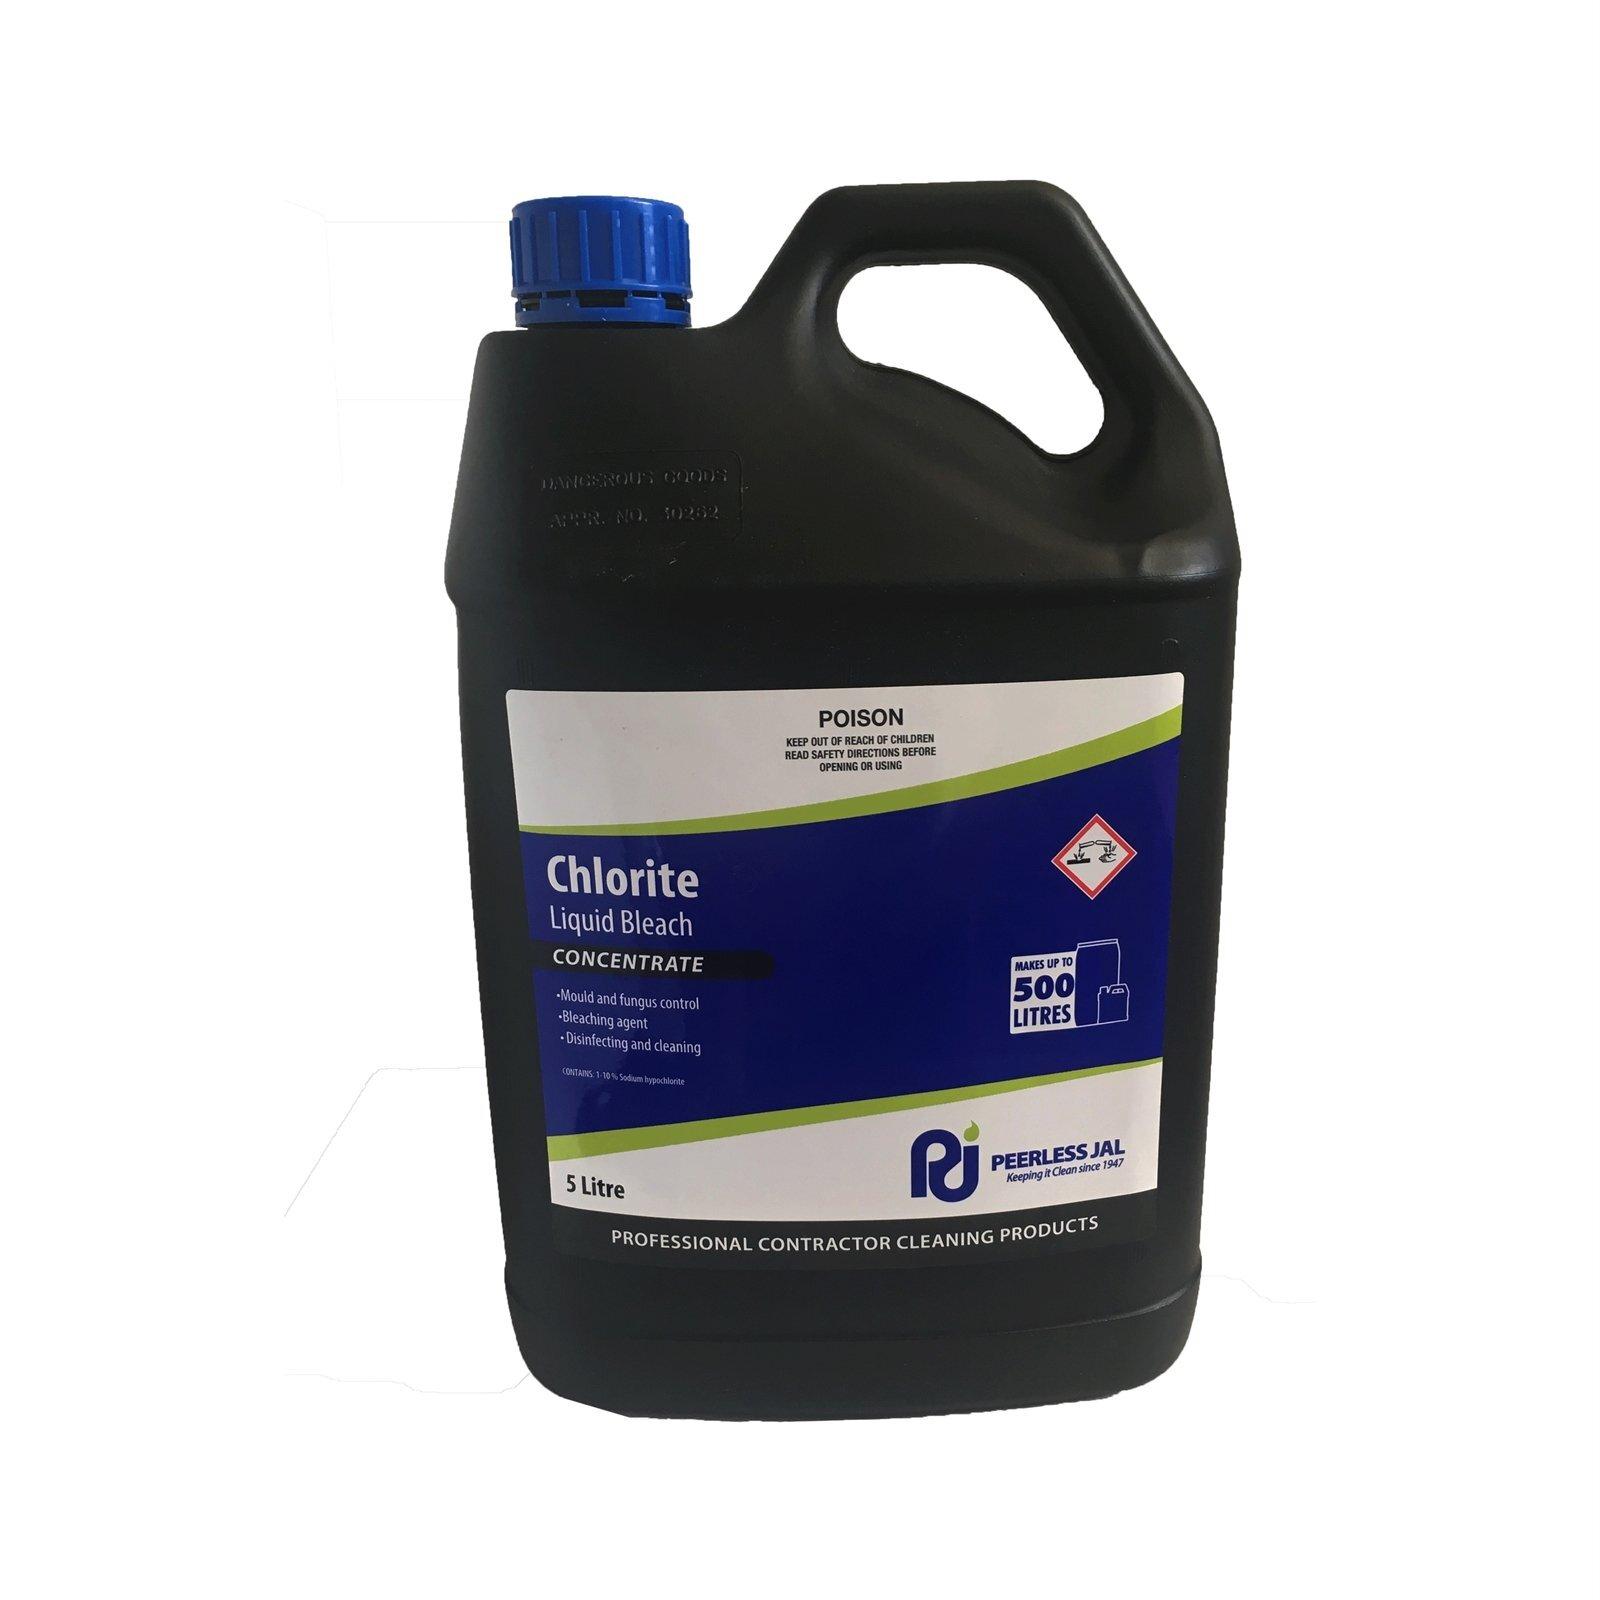 Peerless JAL 5L Chlorite Liquid Bleach